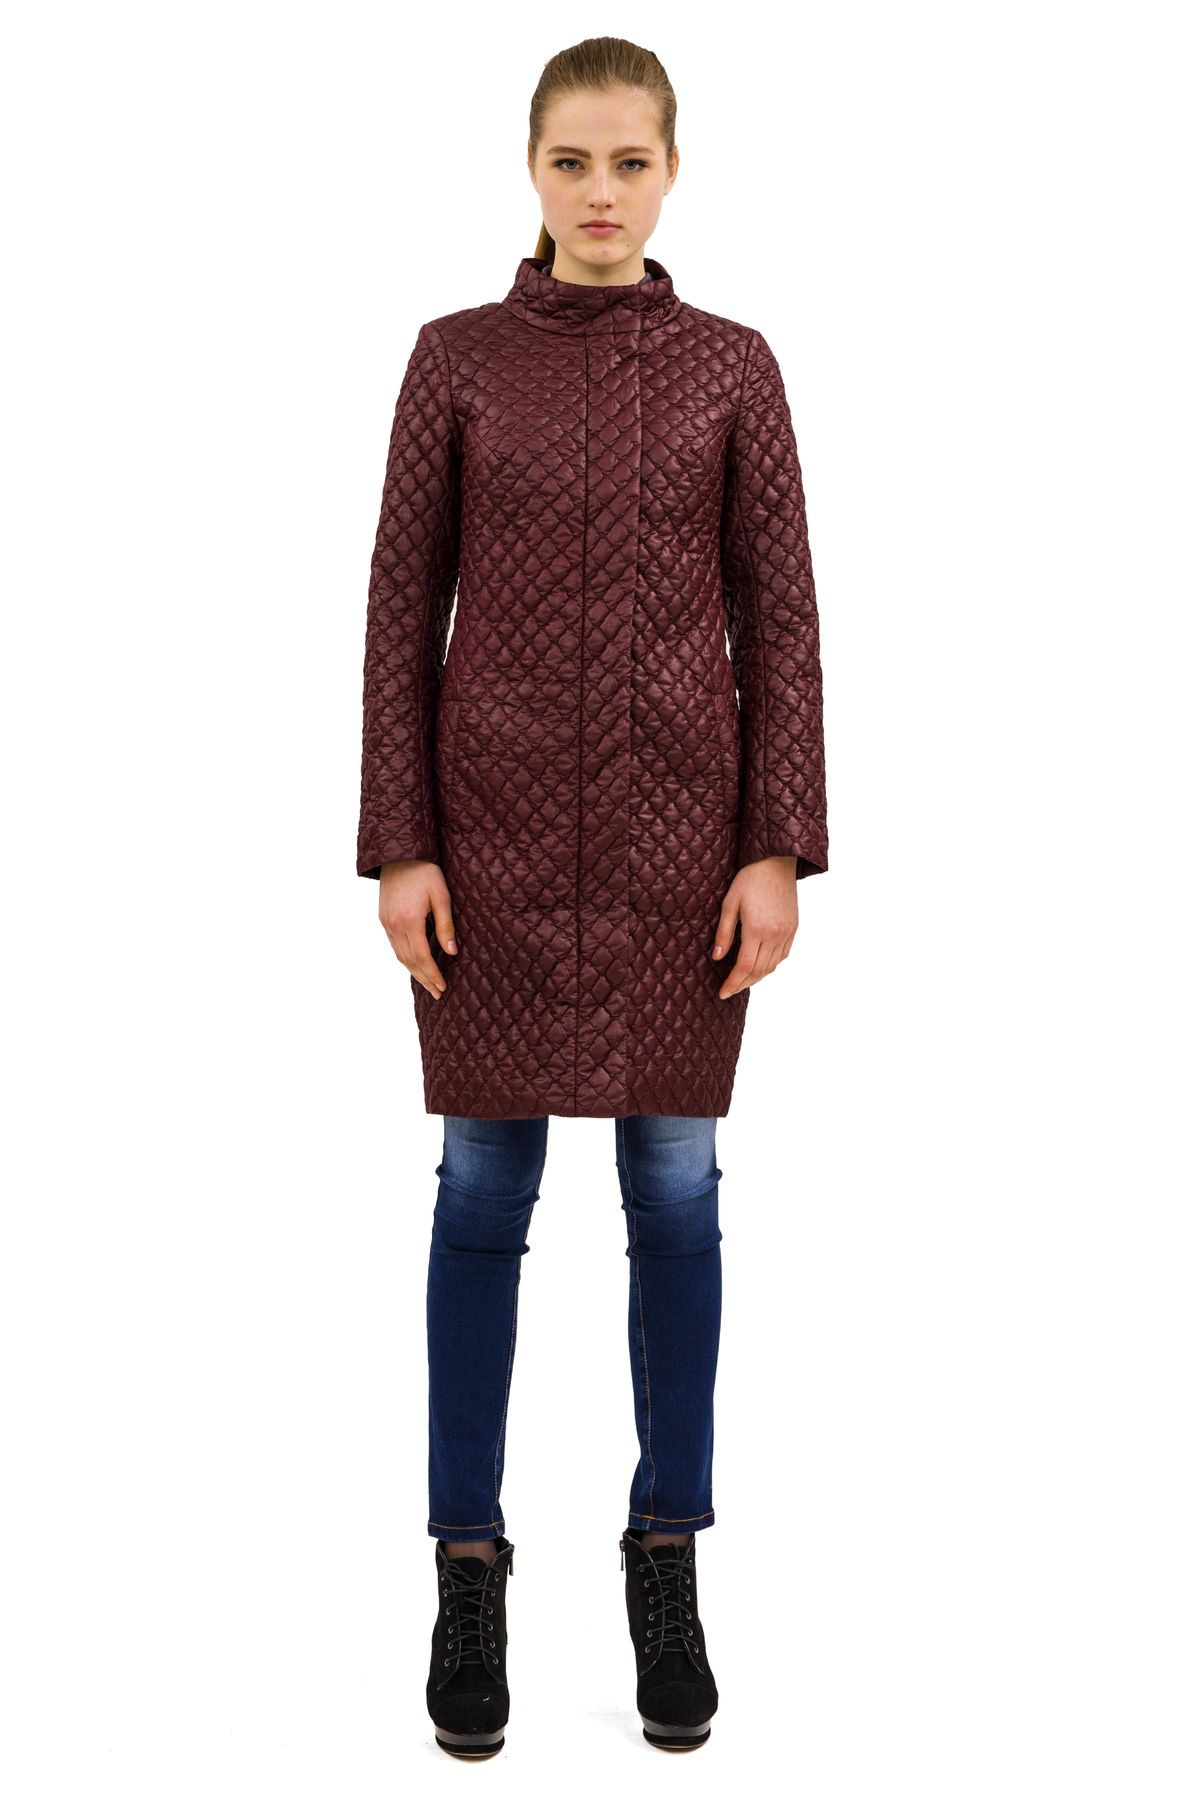 ПальтоЖенские куртки, плащи, пальто<br>Bосхитительный вариант для тех, кто предпочитает стильные решения - элегантное пальтоDoctor Eсдержанного модного дизайна, который подчеркнет Ваш безупречный вкус.<br><br>Цвет: бордовый<br>Состав: 100%полиэстер, подкладка - 100%полиэстер<br>Размер: 40,50<br>Страна дизайна: Россия<br>Страна производства: Россия